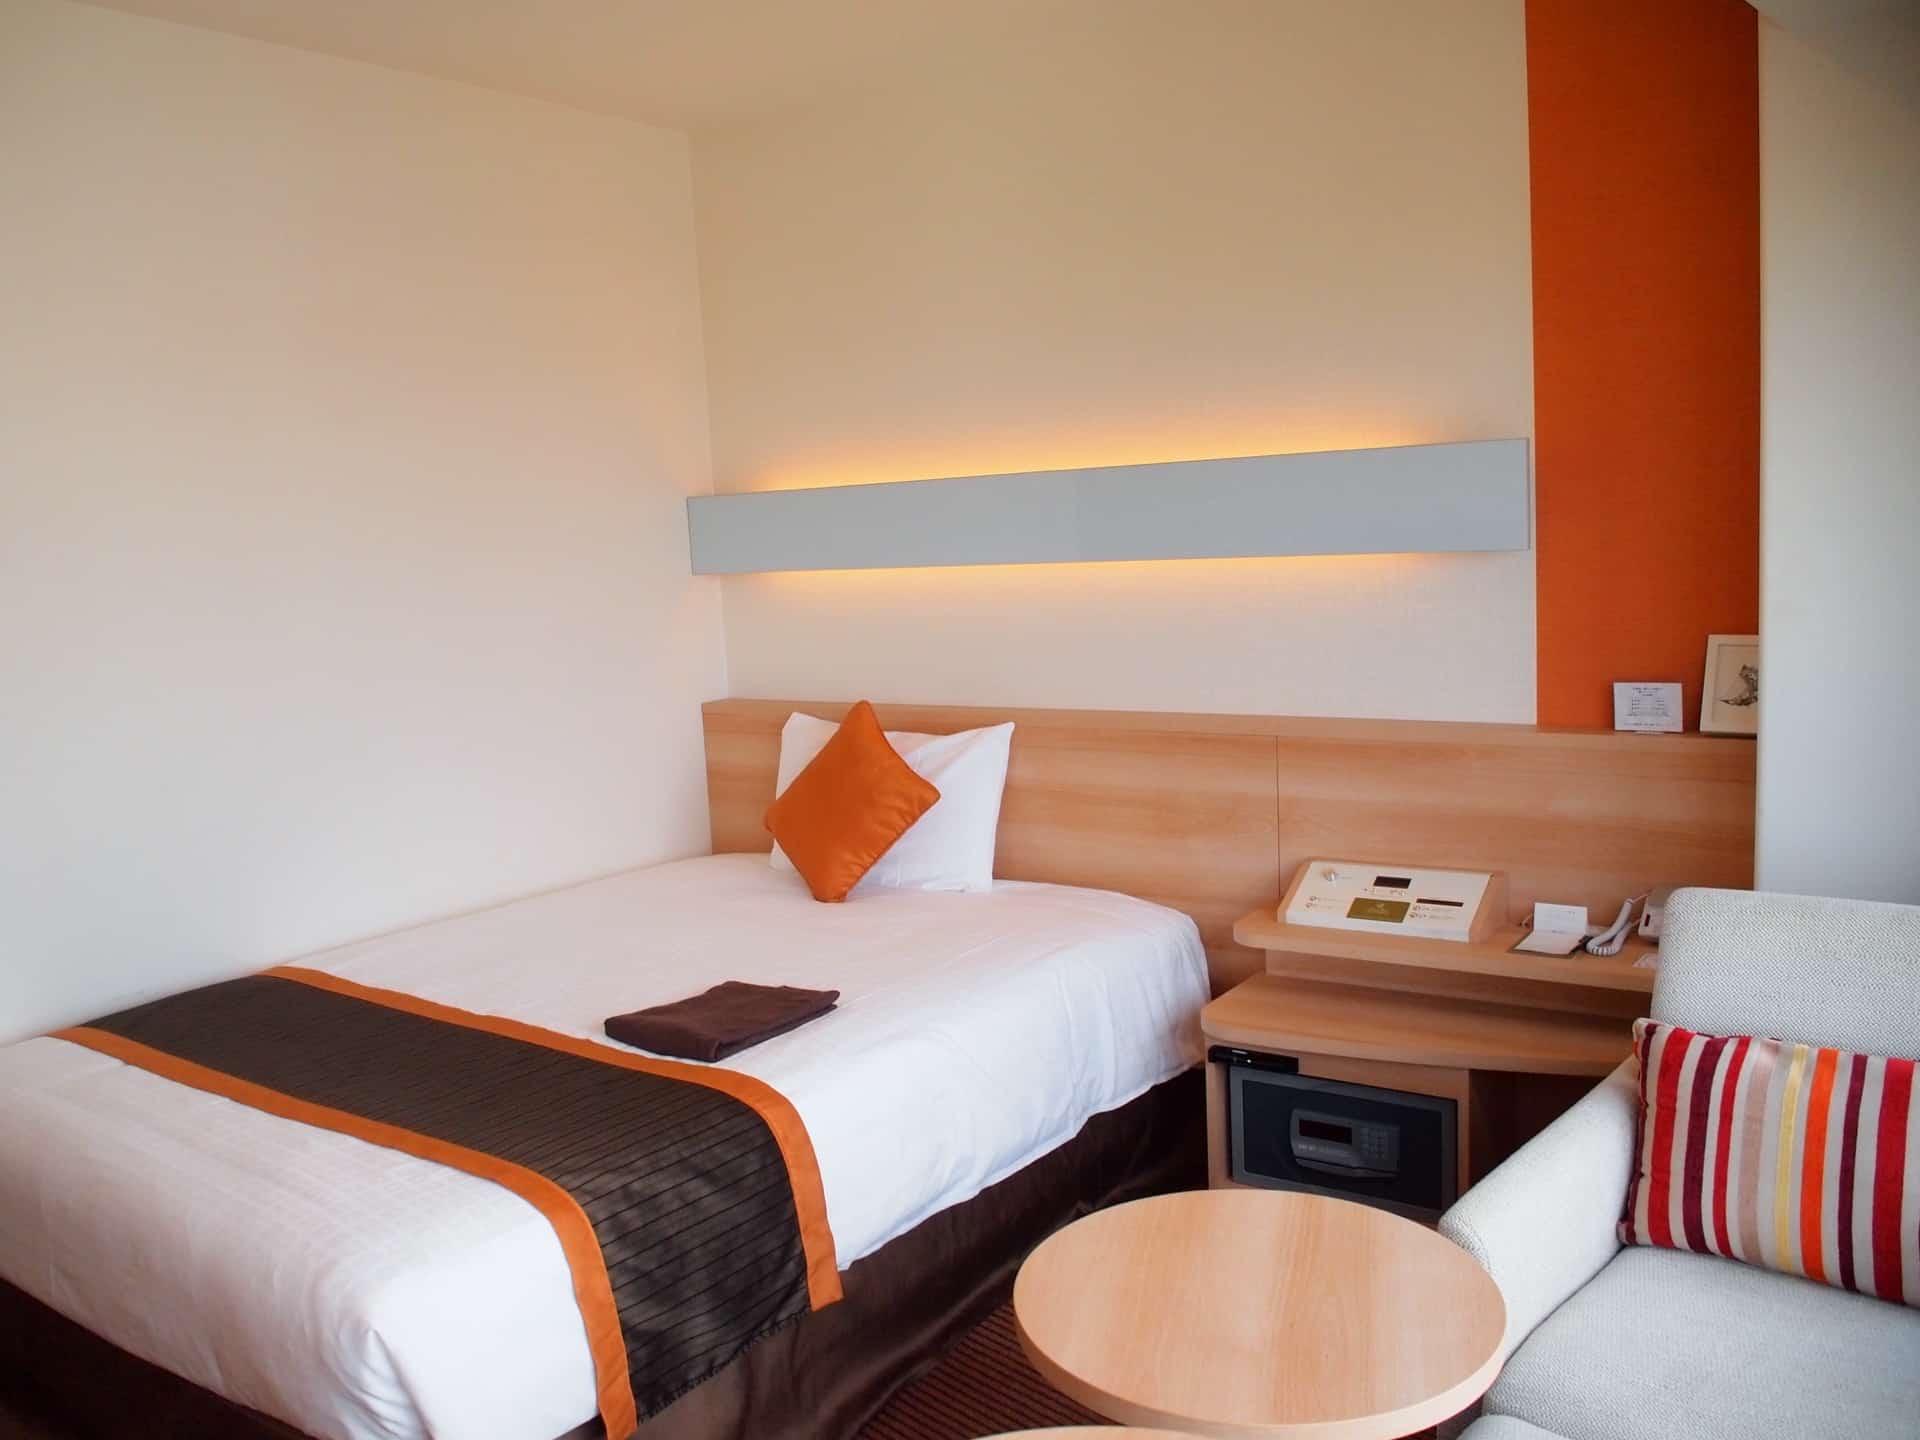 【宿泊レポ】横アリ遠征に!「新横浜プリンスホテル」はアクセス抜群。レディースフロアも!